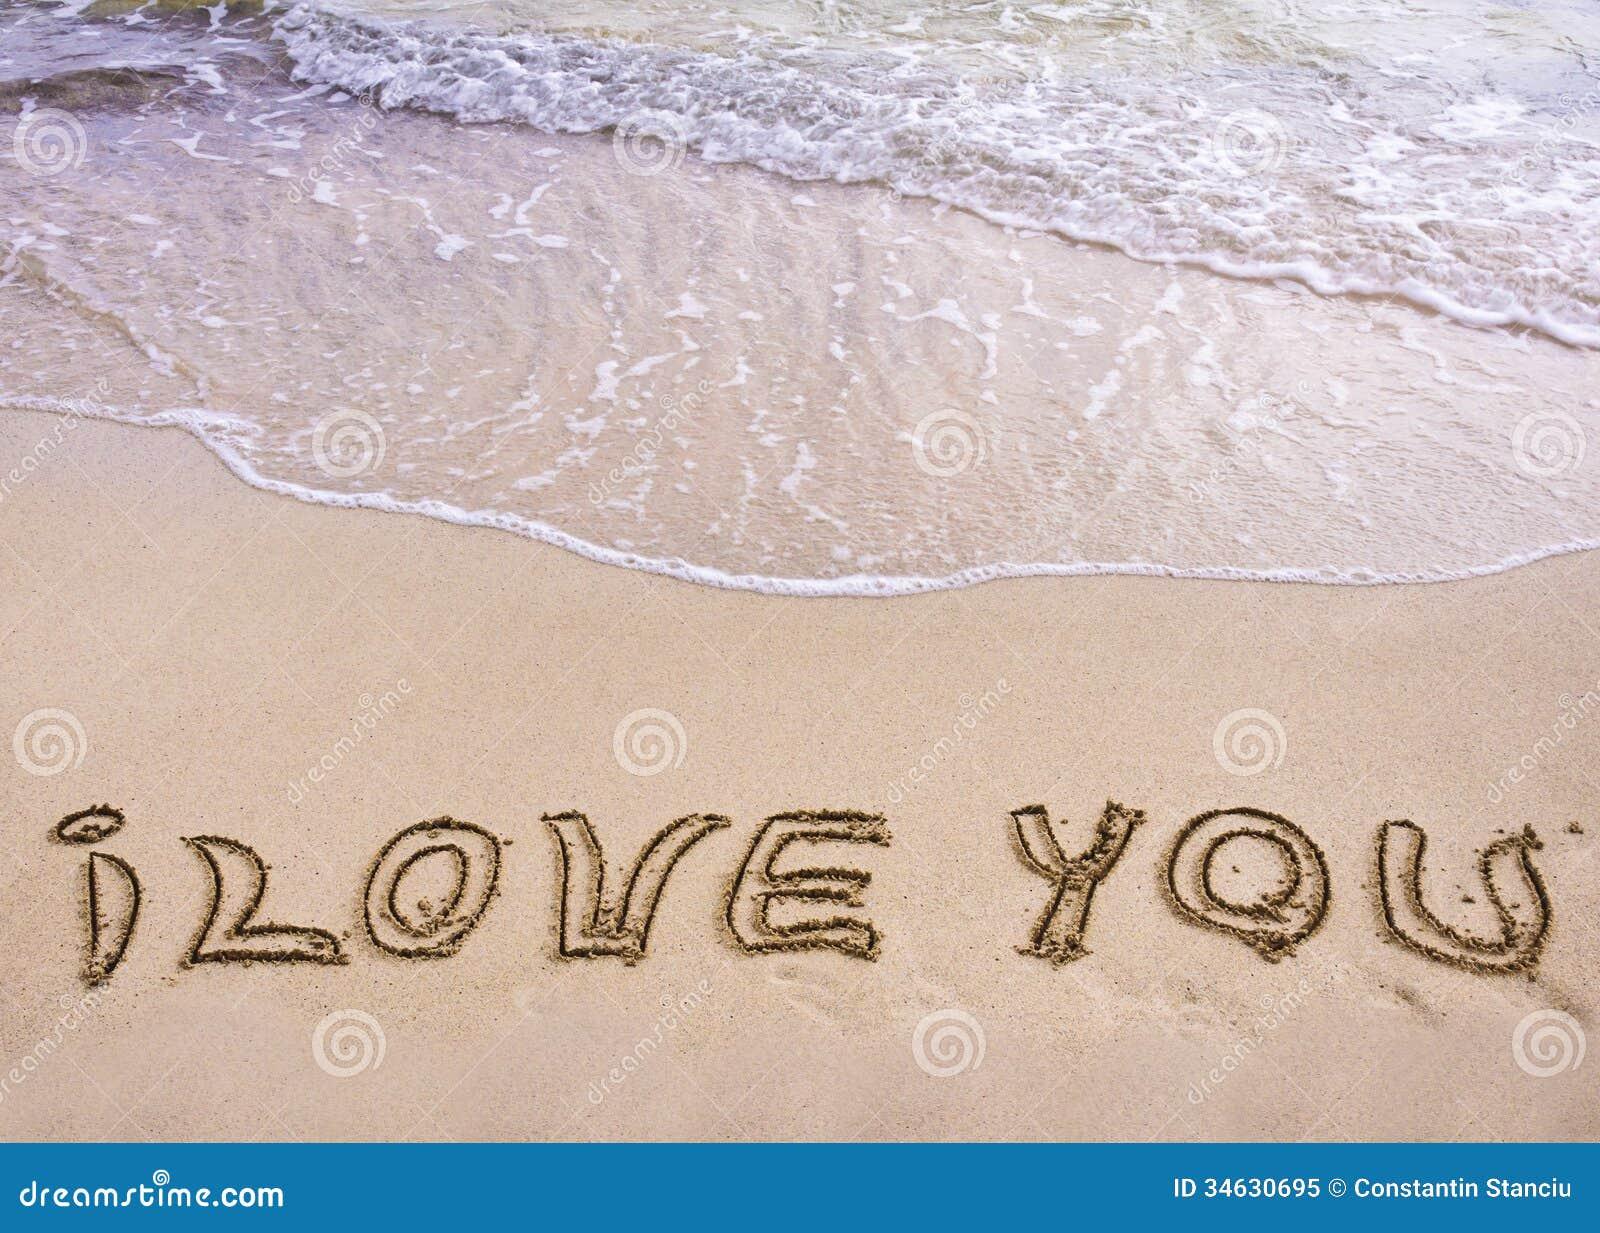 Eu Te Amo Escrito Na Areia Imagens De Stock Royalty Free: Palavras EU TE AMO Escritas Na Areia, Com As Ondas No